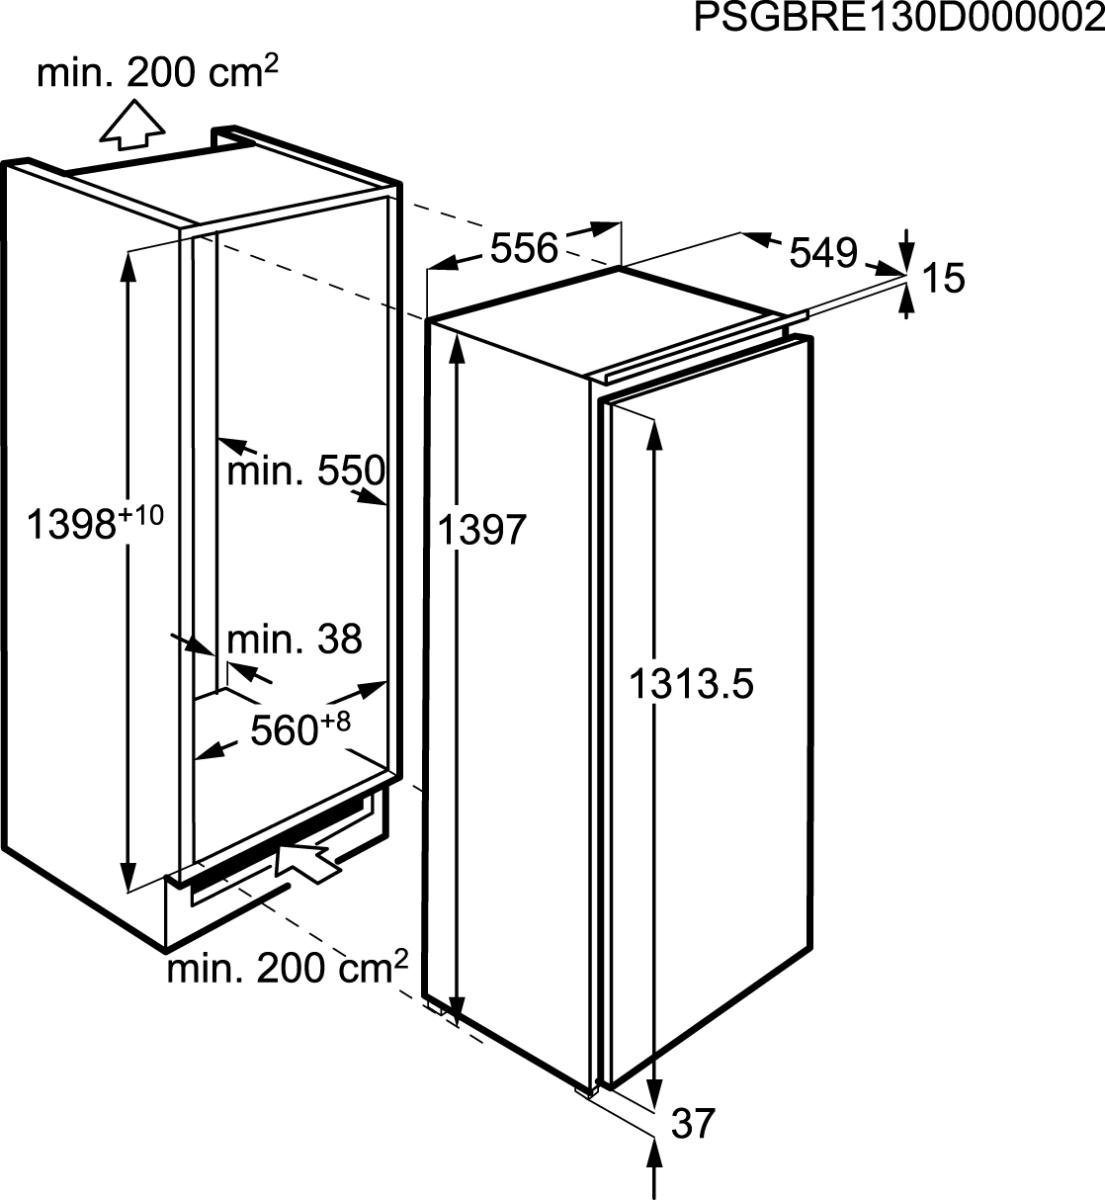 aeg sfe81436zc a einbauk hlschrank mit gefrierfach 140cm nischenh he festt r technik 0. Black Bedroom Furniture Sets. Home Design Ideas